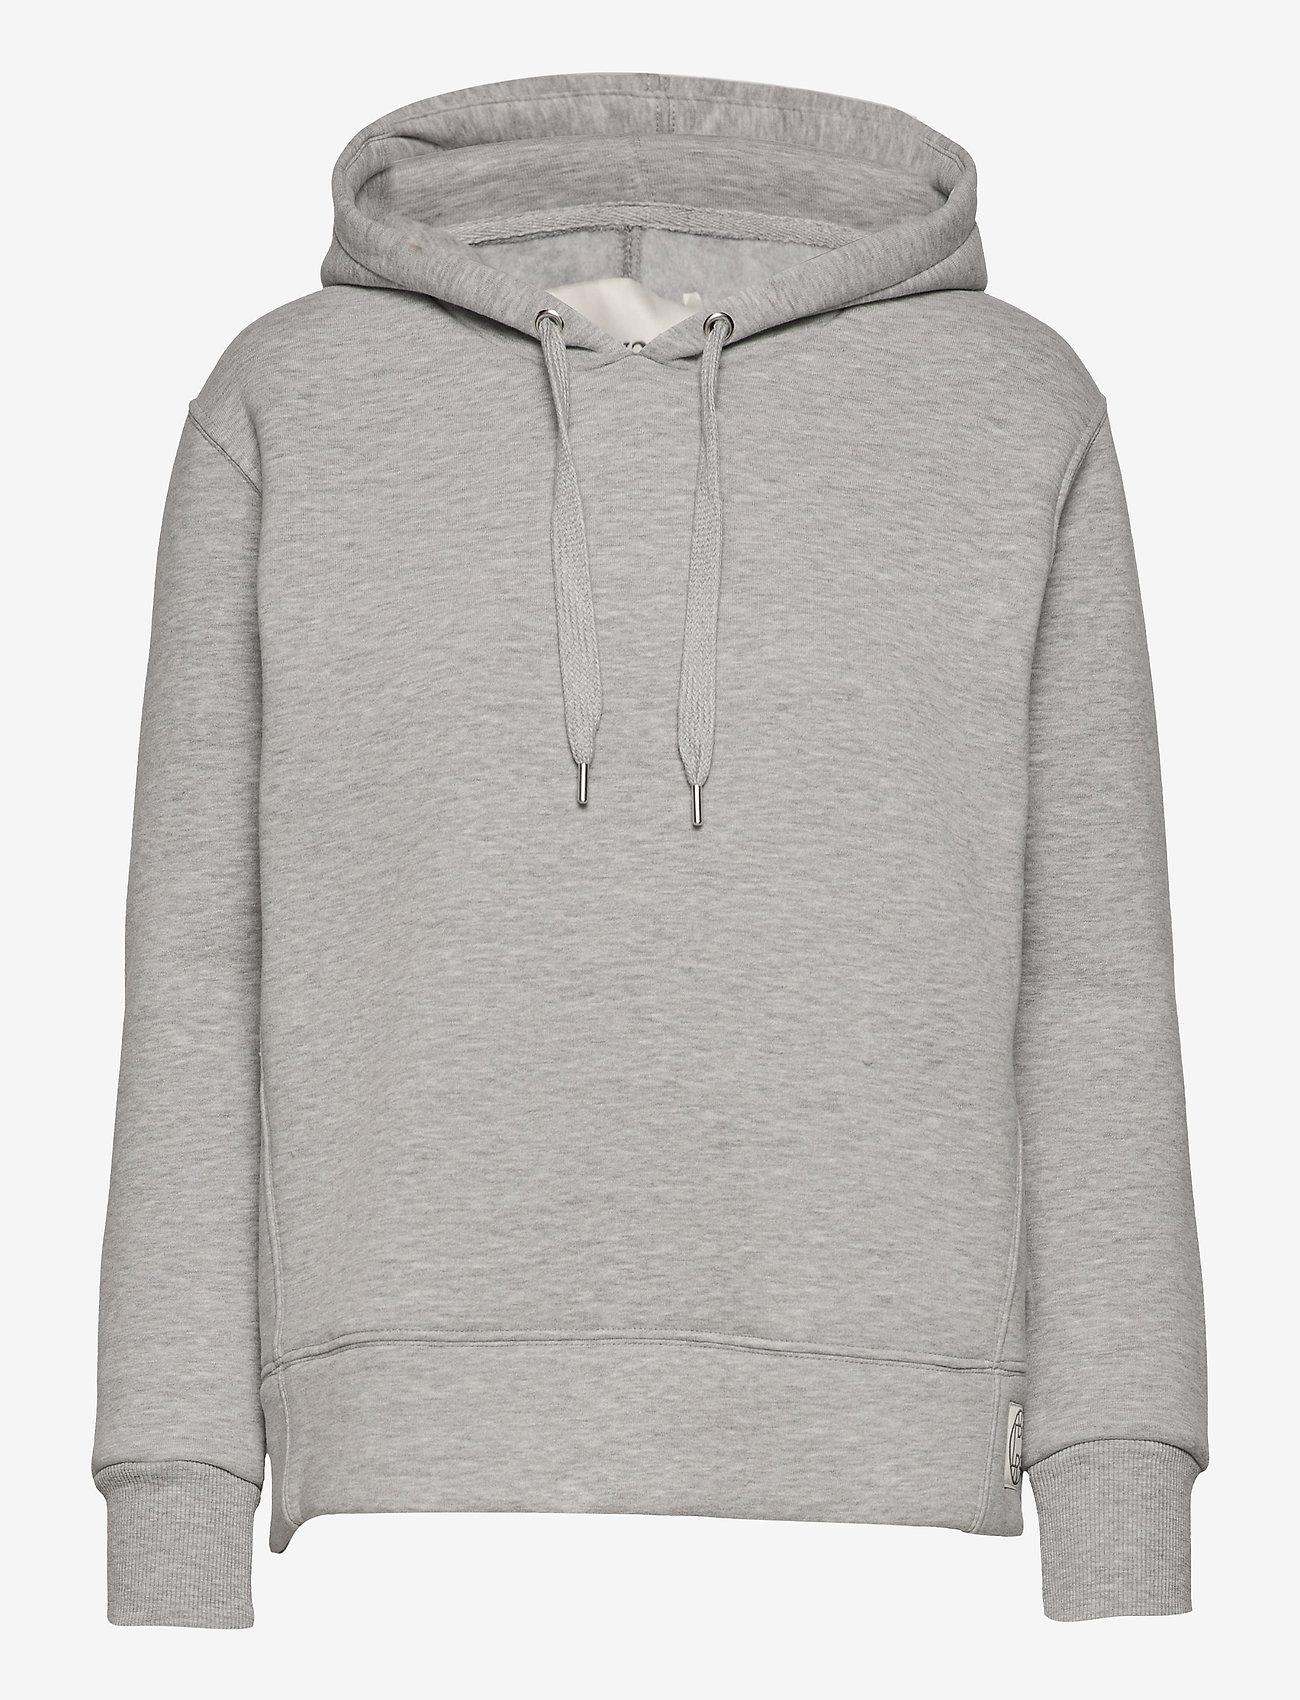 Levete Room - LR-NUKA - sweatshirts & hættetrøjer - l9950 - light grey melange - 0